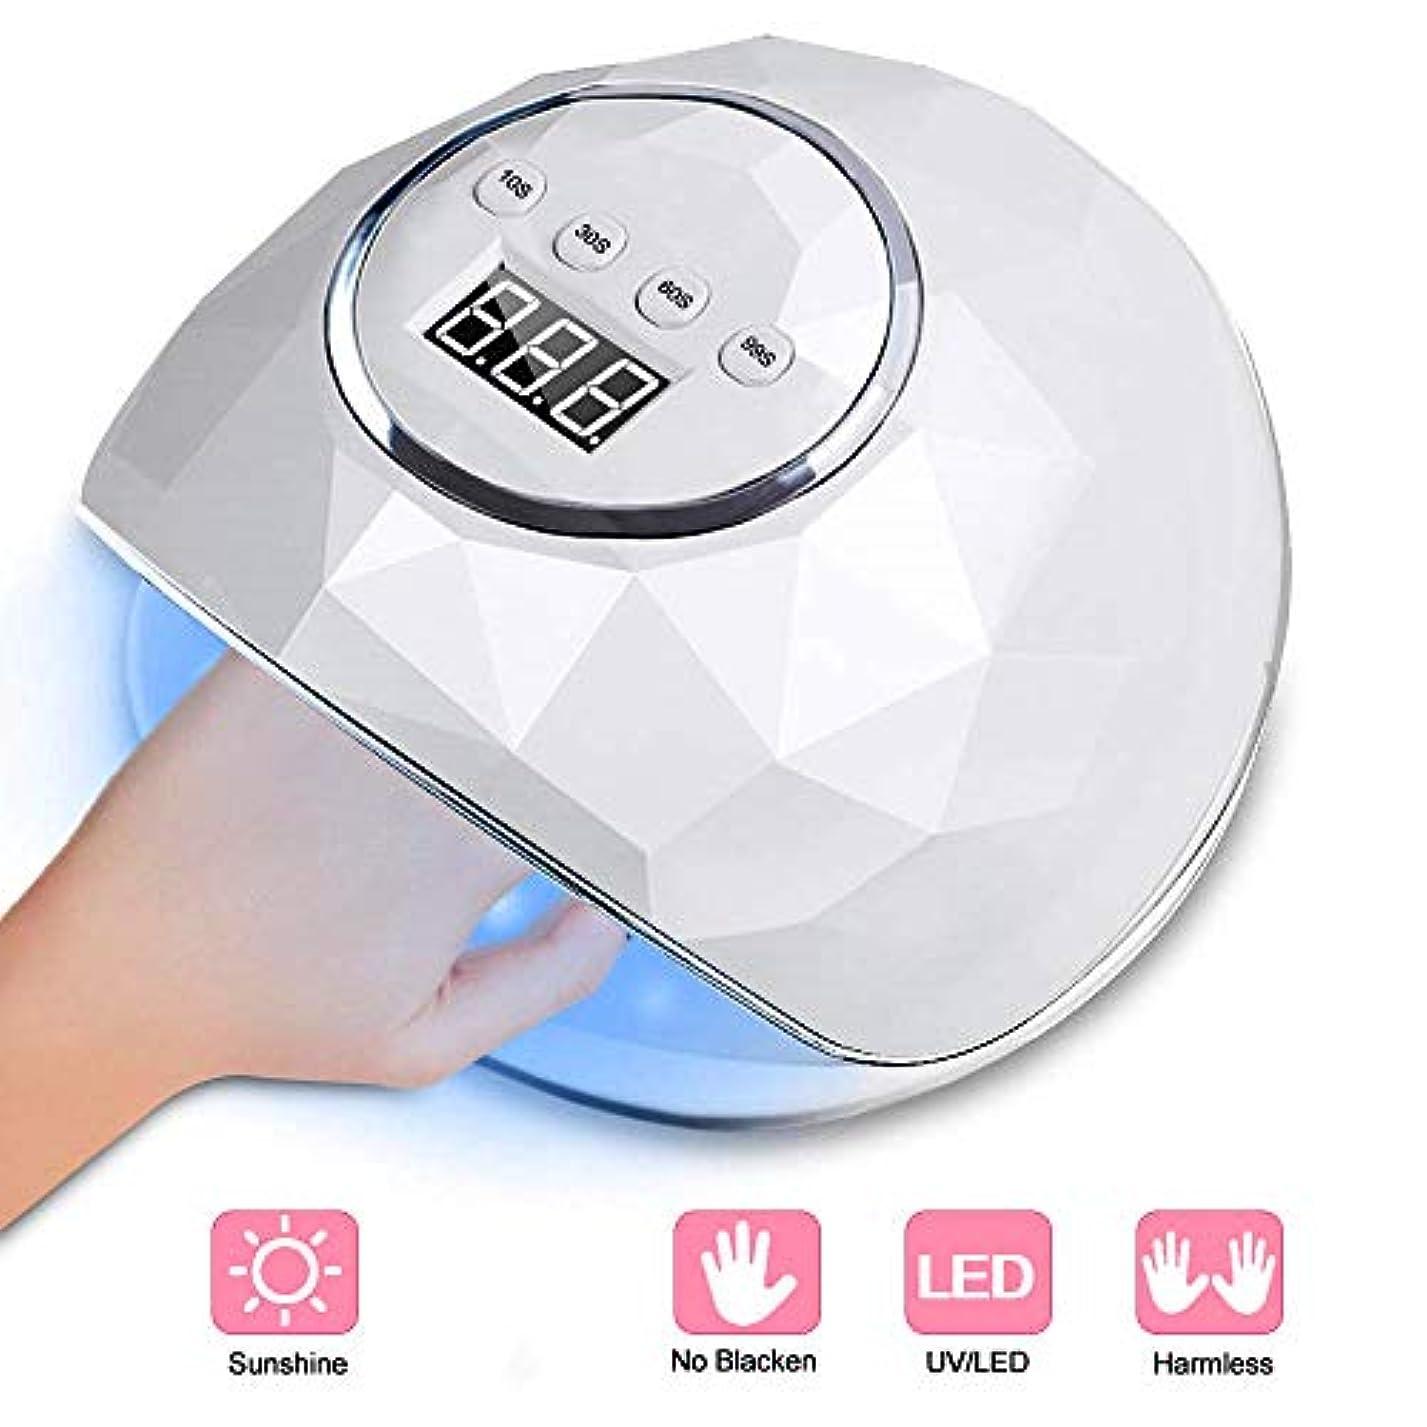 光の気を散らす呼ぶ紫外線ジェルネイル光線療法ランプ72Wスマート誘導マニキュアランプマニキュアマシンでジェルネイルポリッシュキット